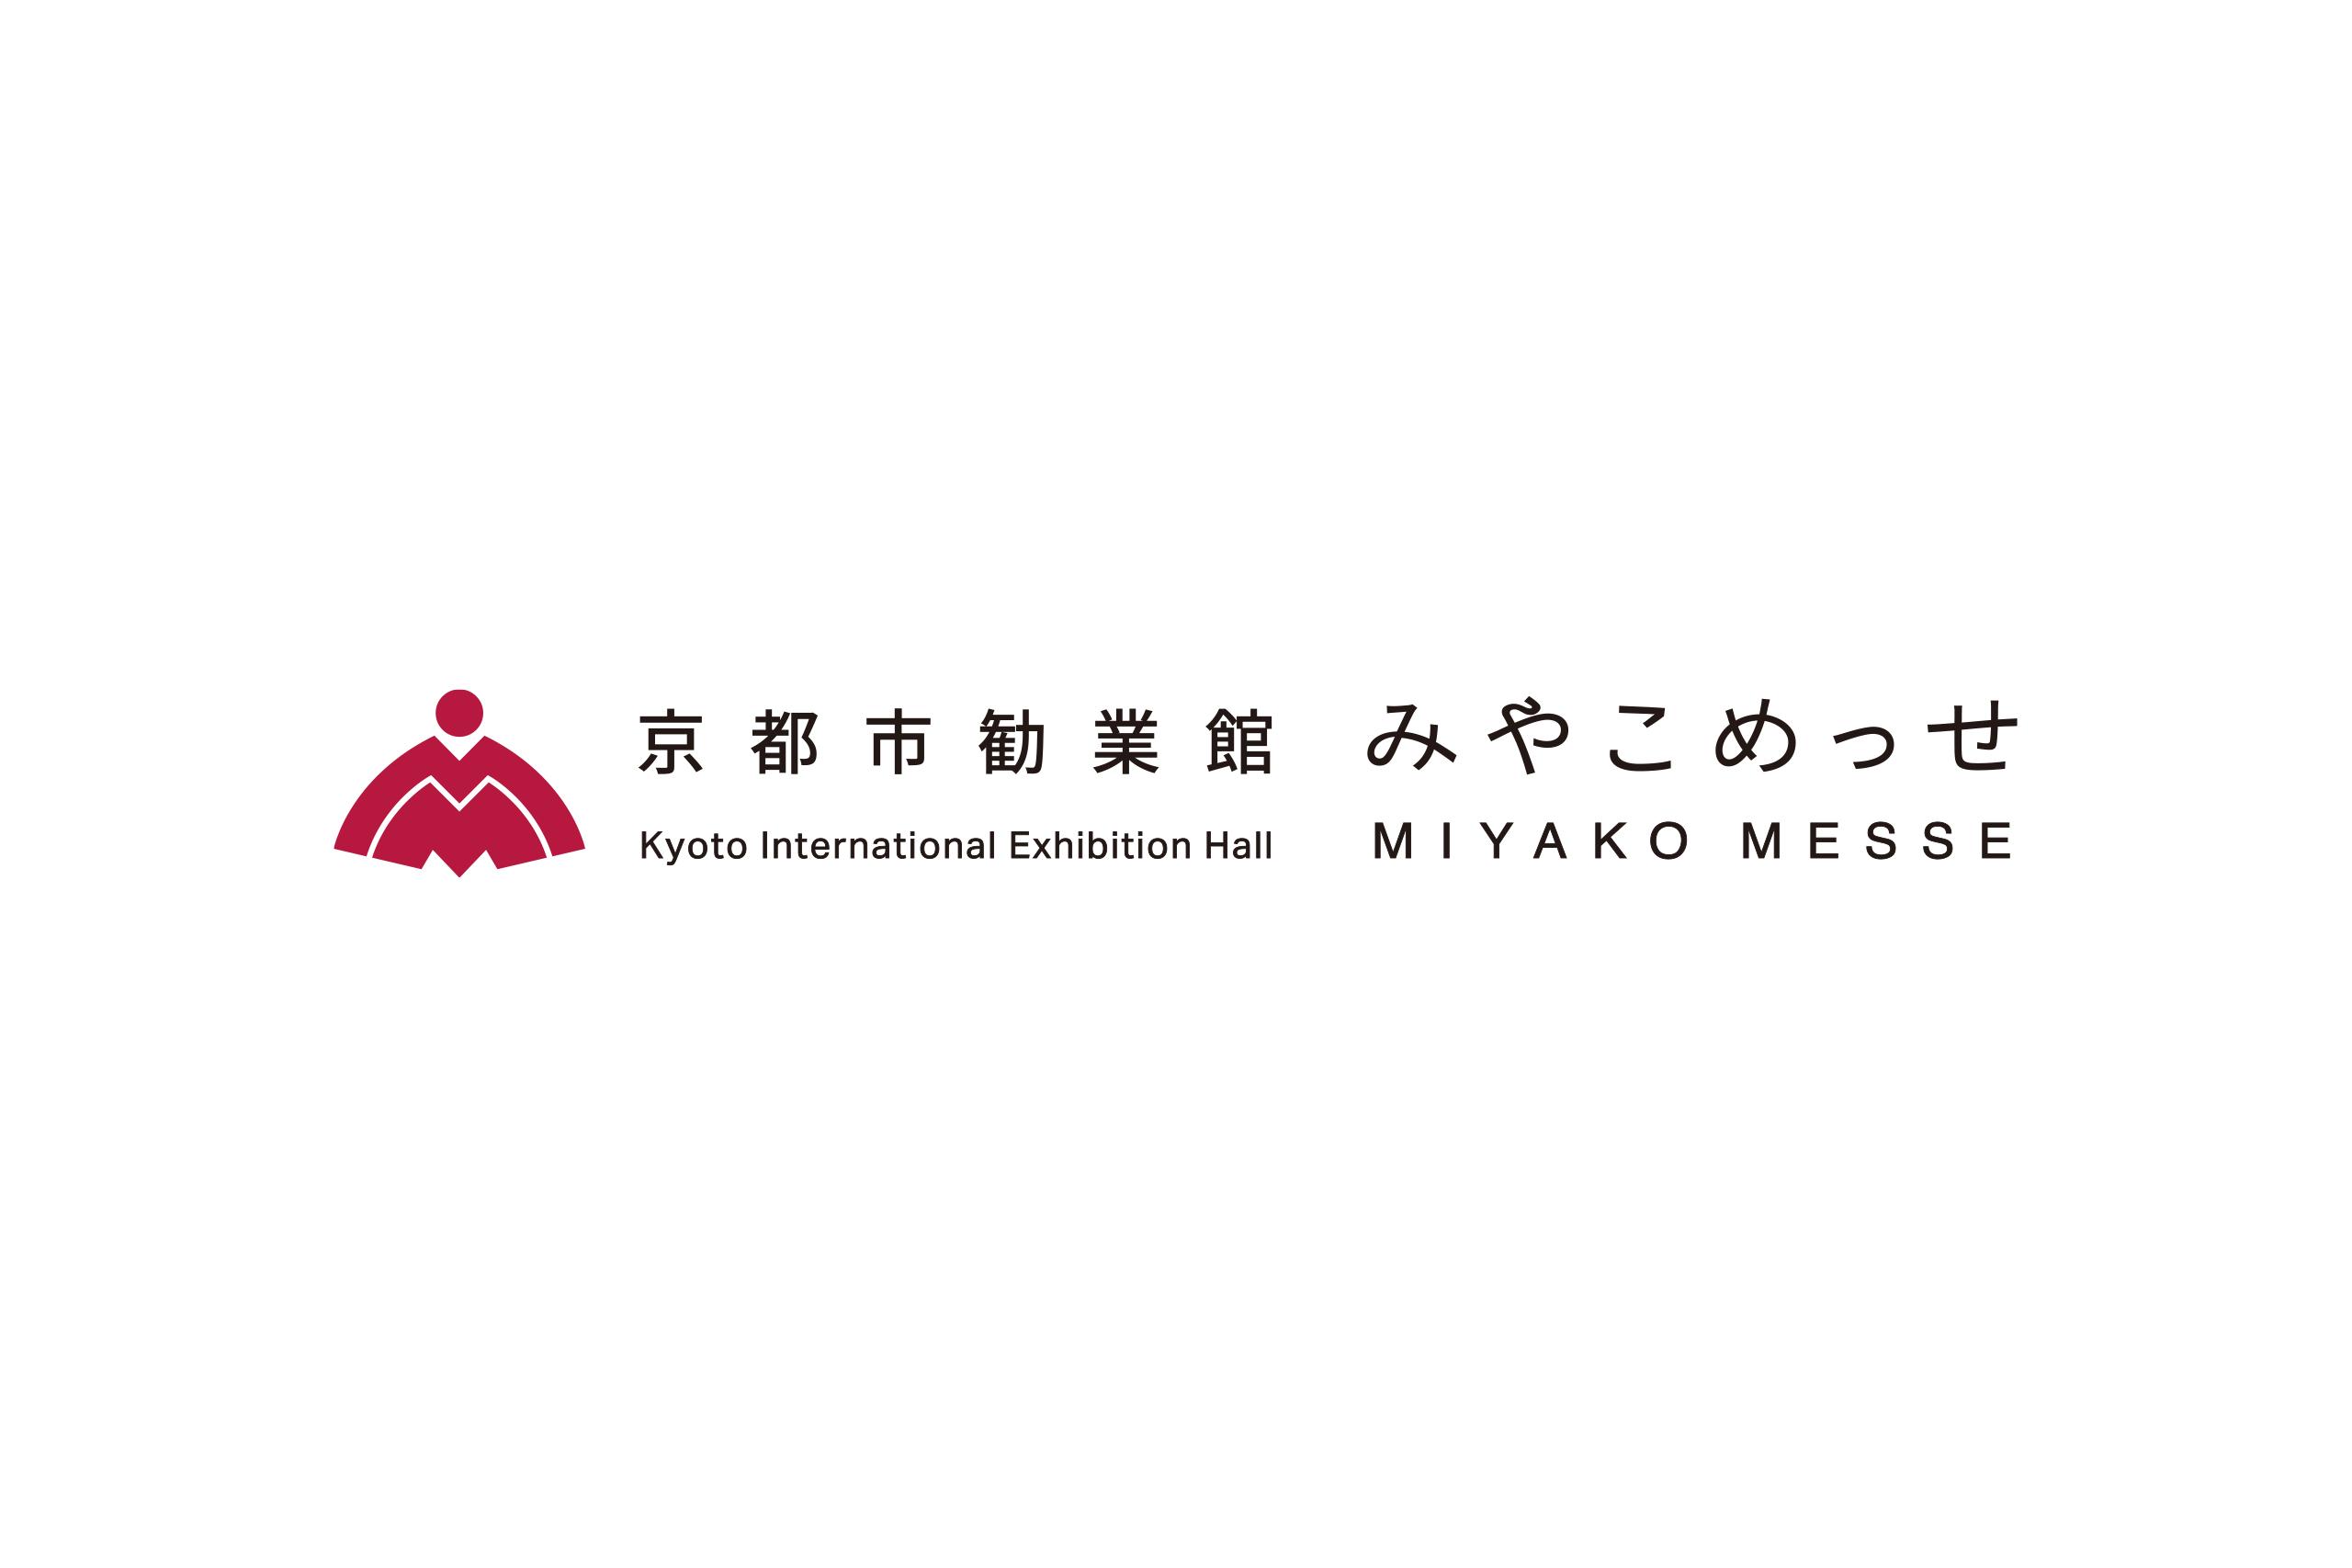 miyako_messe_logo0004